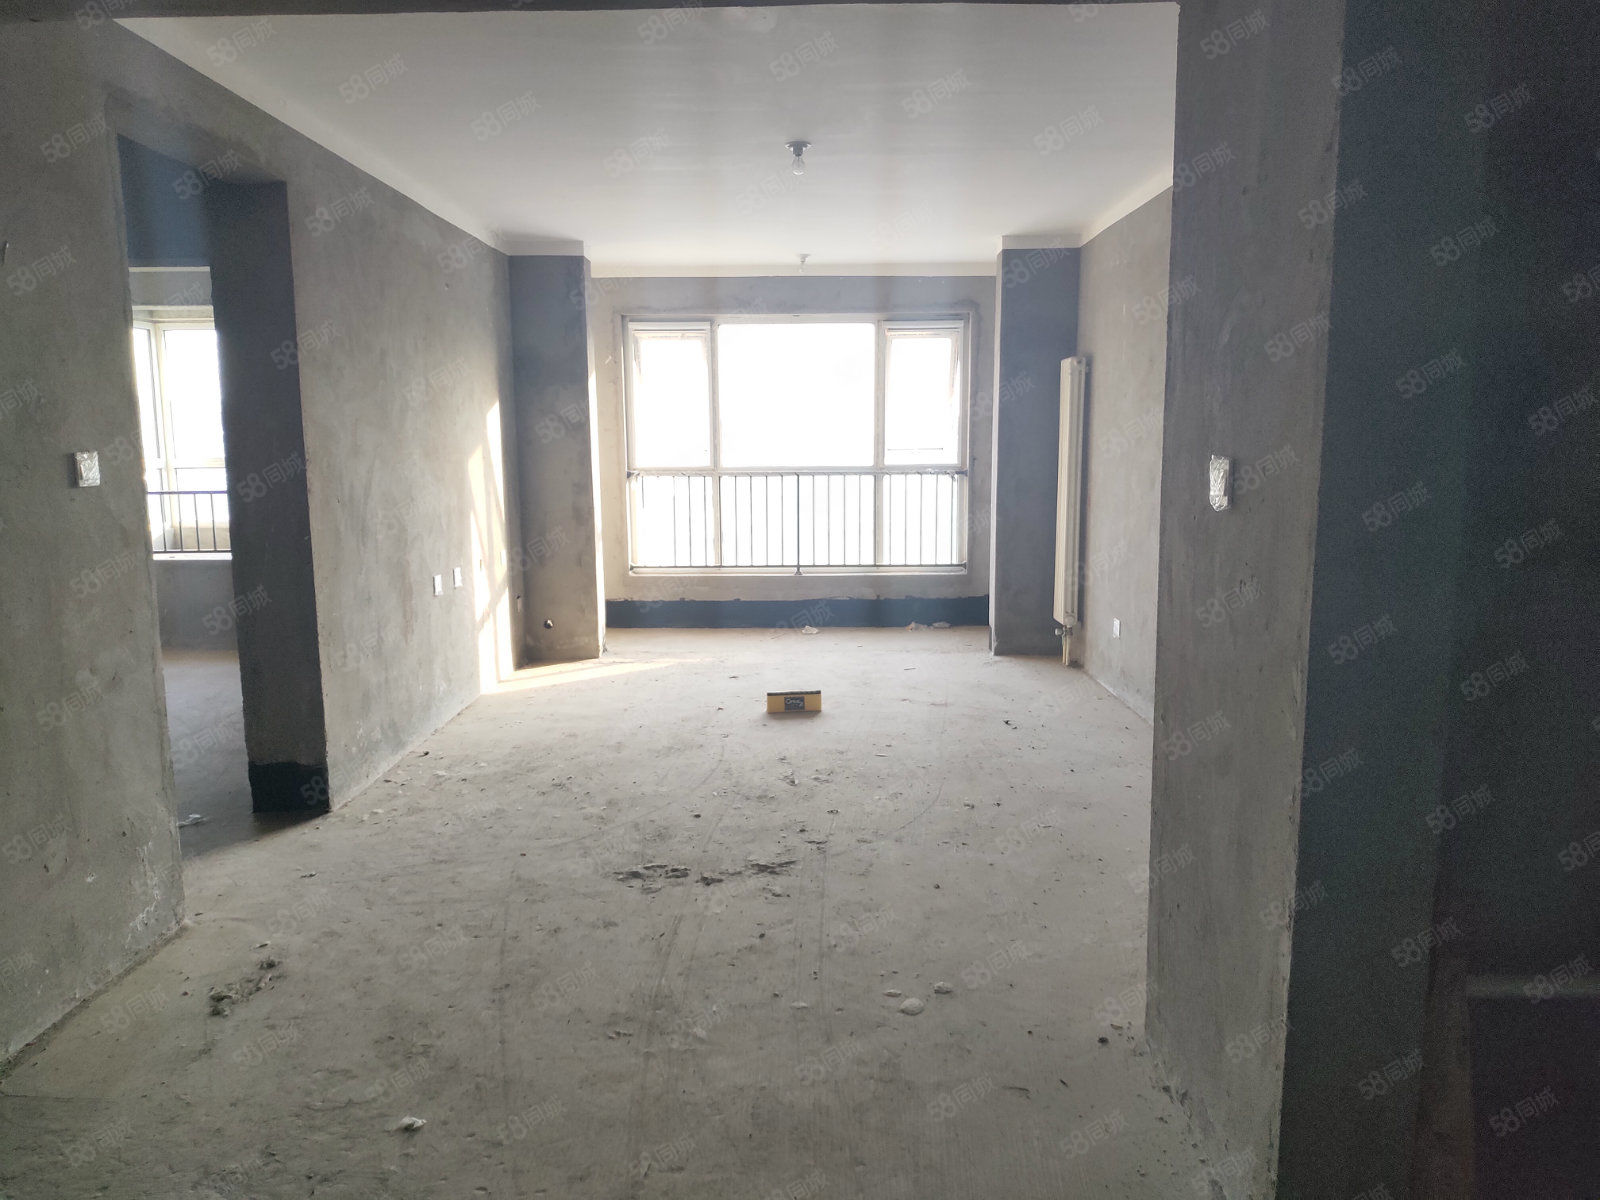 润丰锦尚地铁口经典纯南2房有房本契税满随时可过户